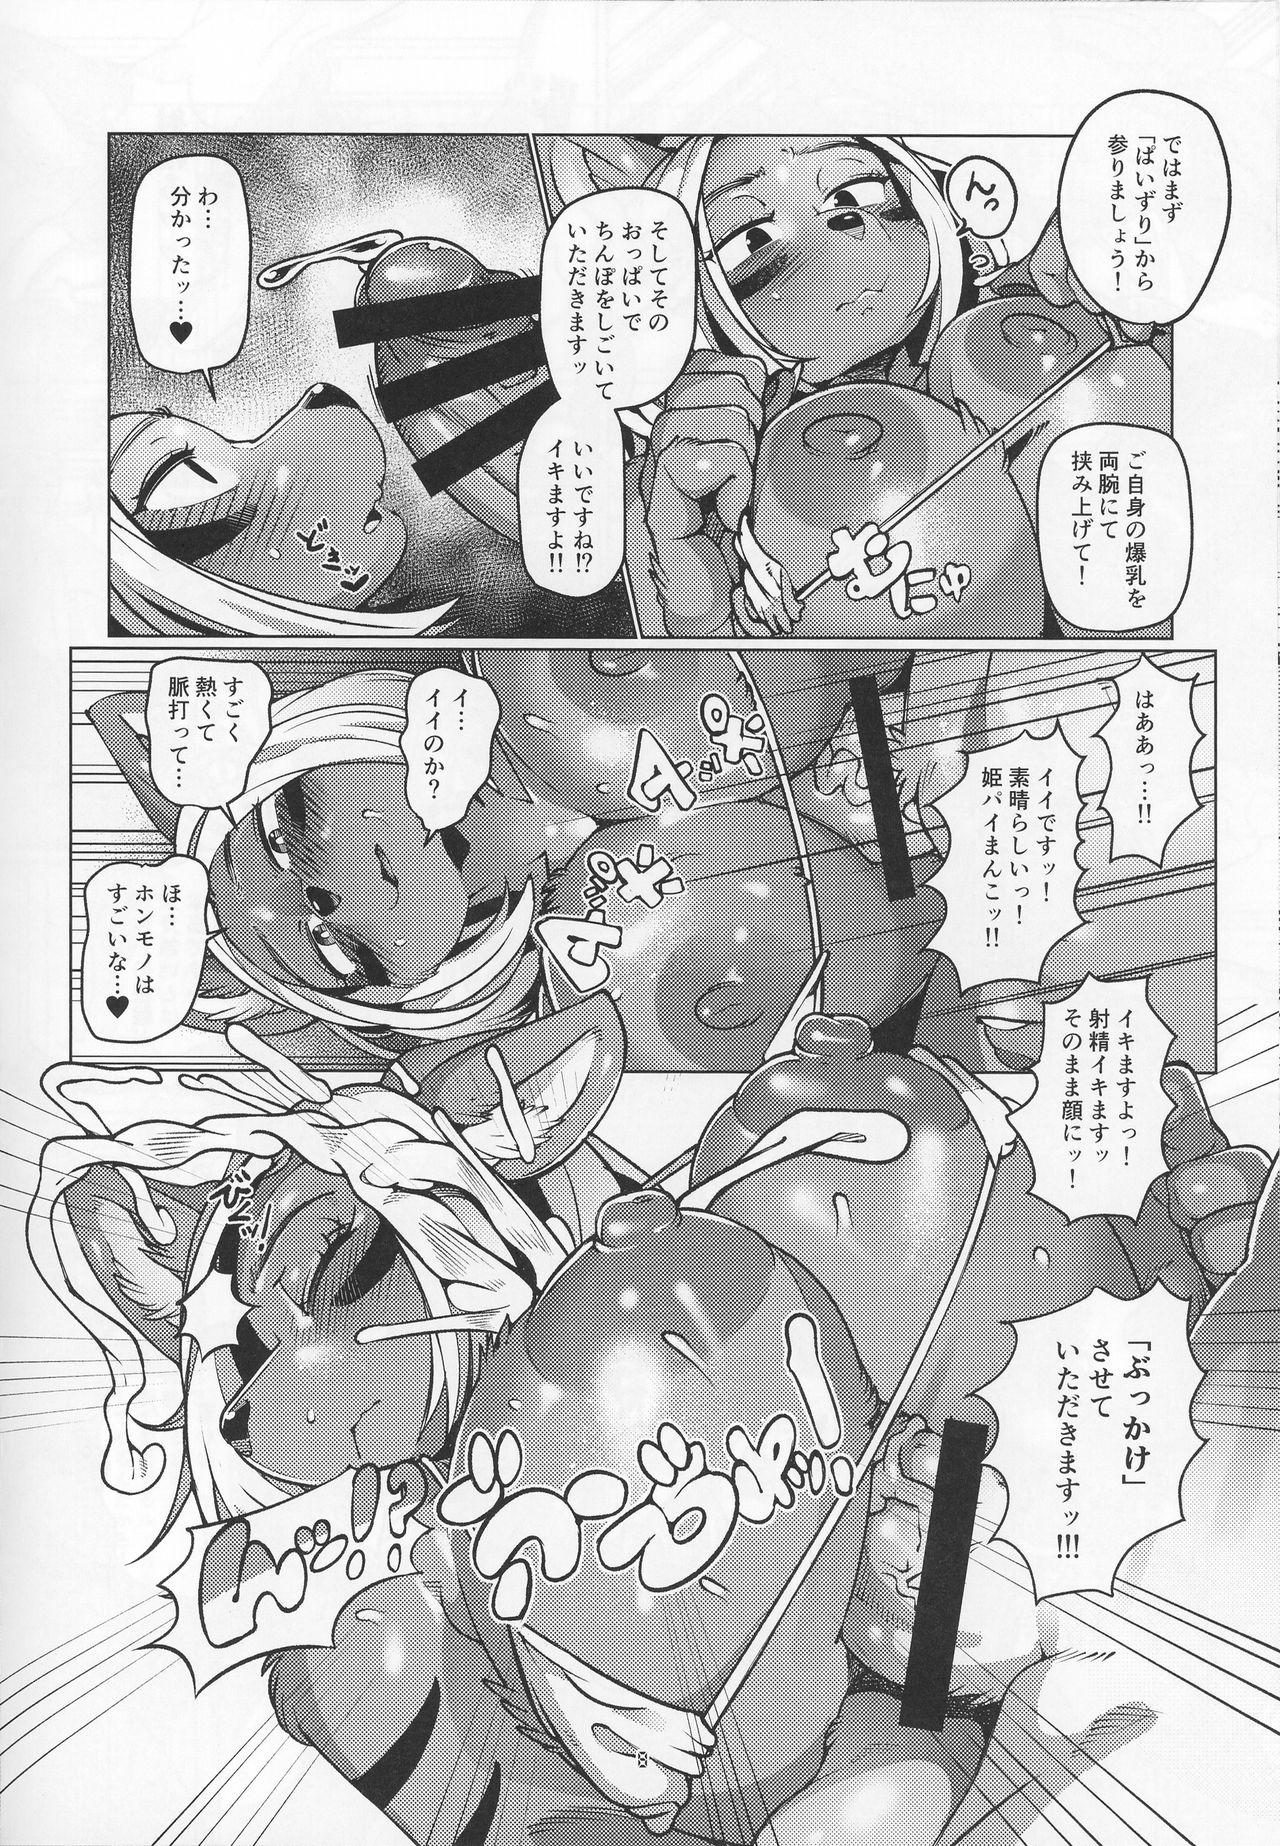 【エロ漫画・エロ同人】仲の悪い巨乳ケモナー双子がエッチな勝負してるンゴwひらすら乱交セックスして最後は同時イキで引き分けwww (8)